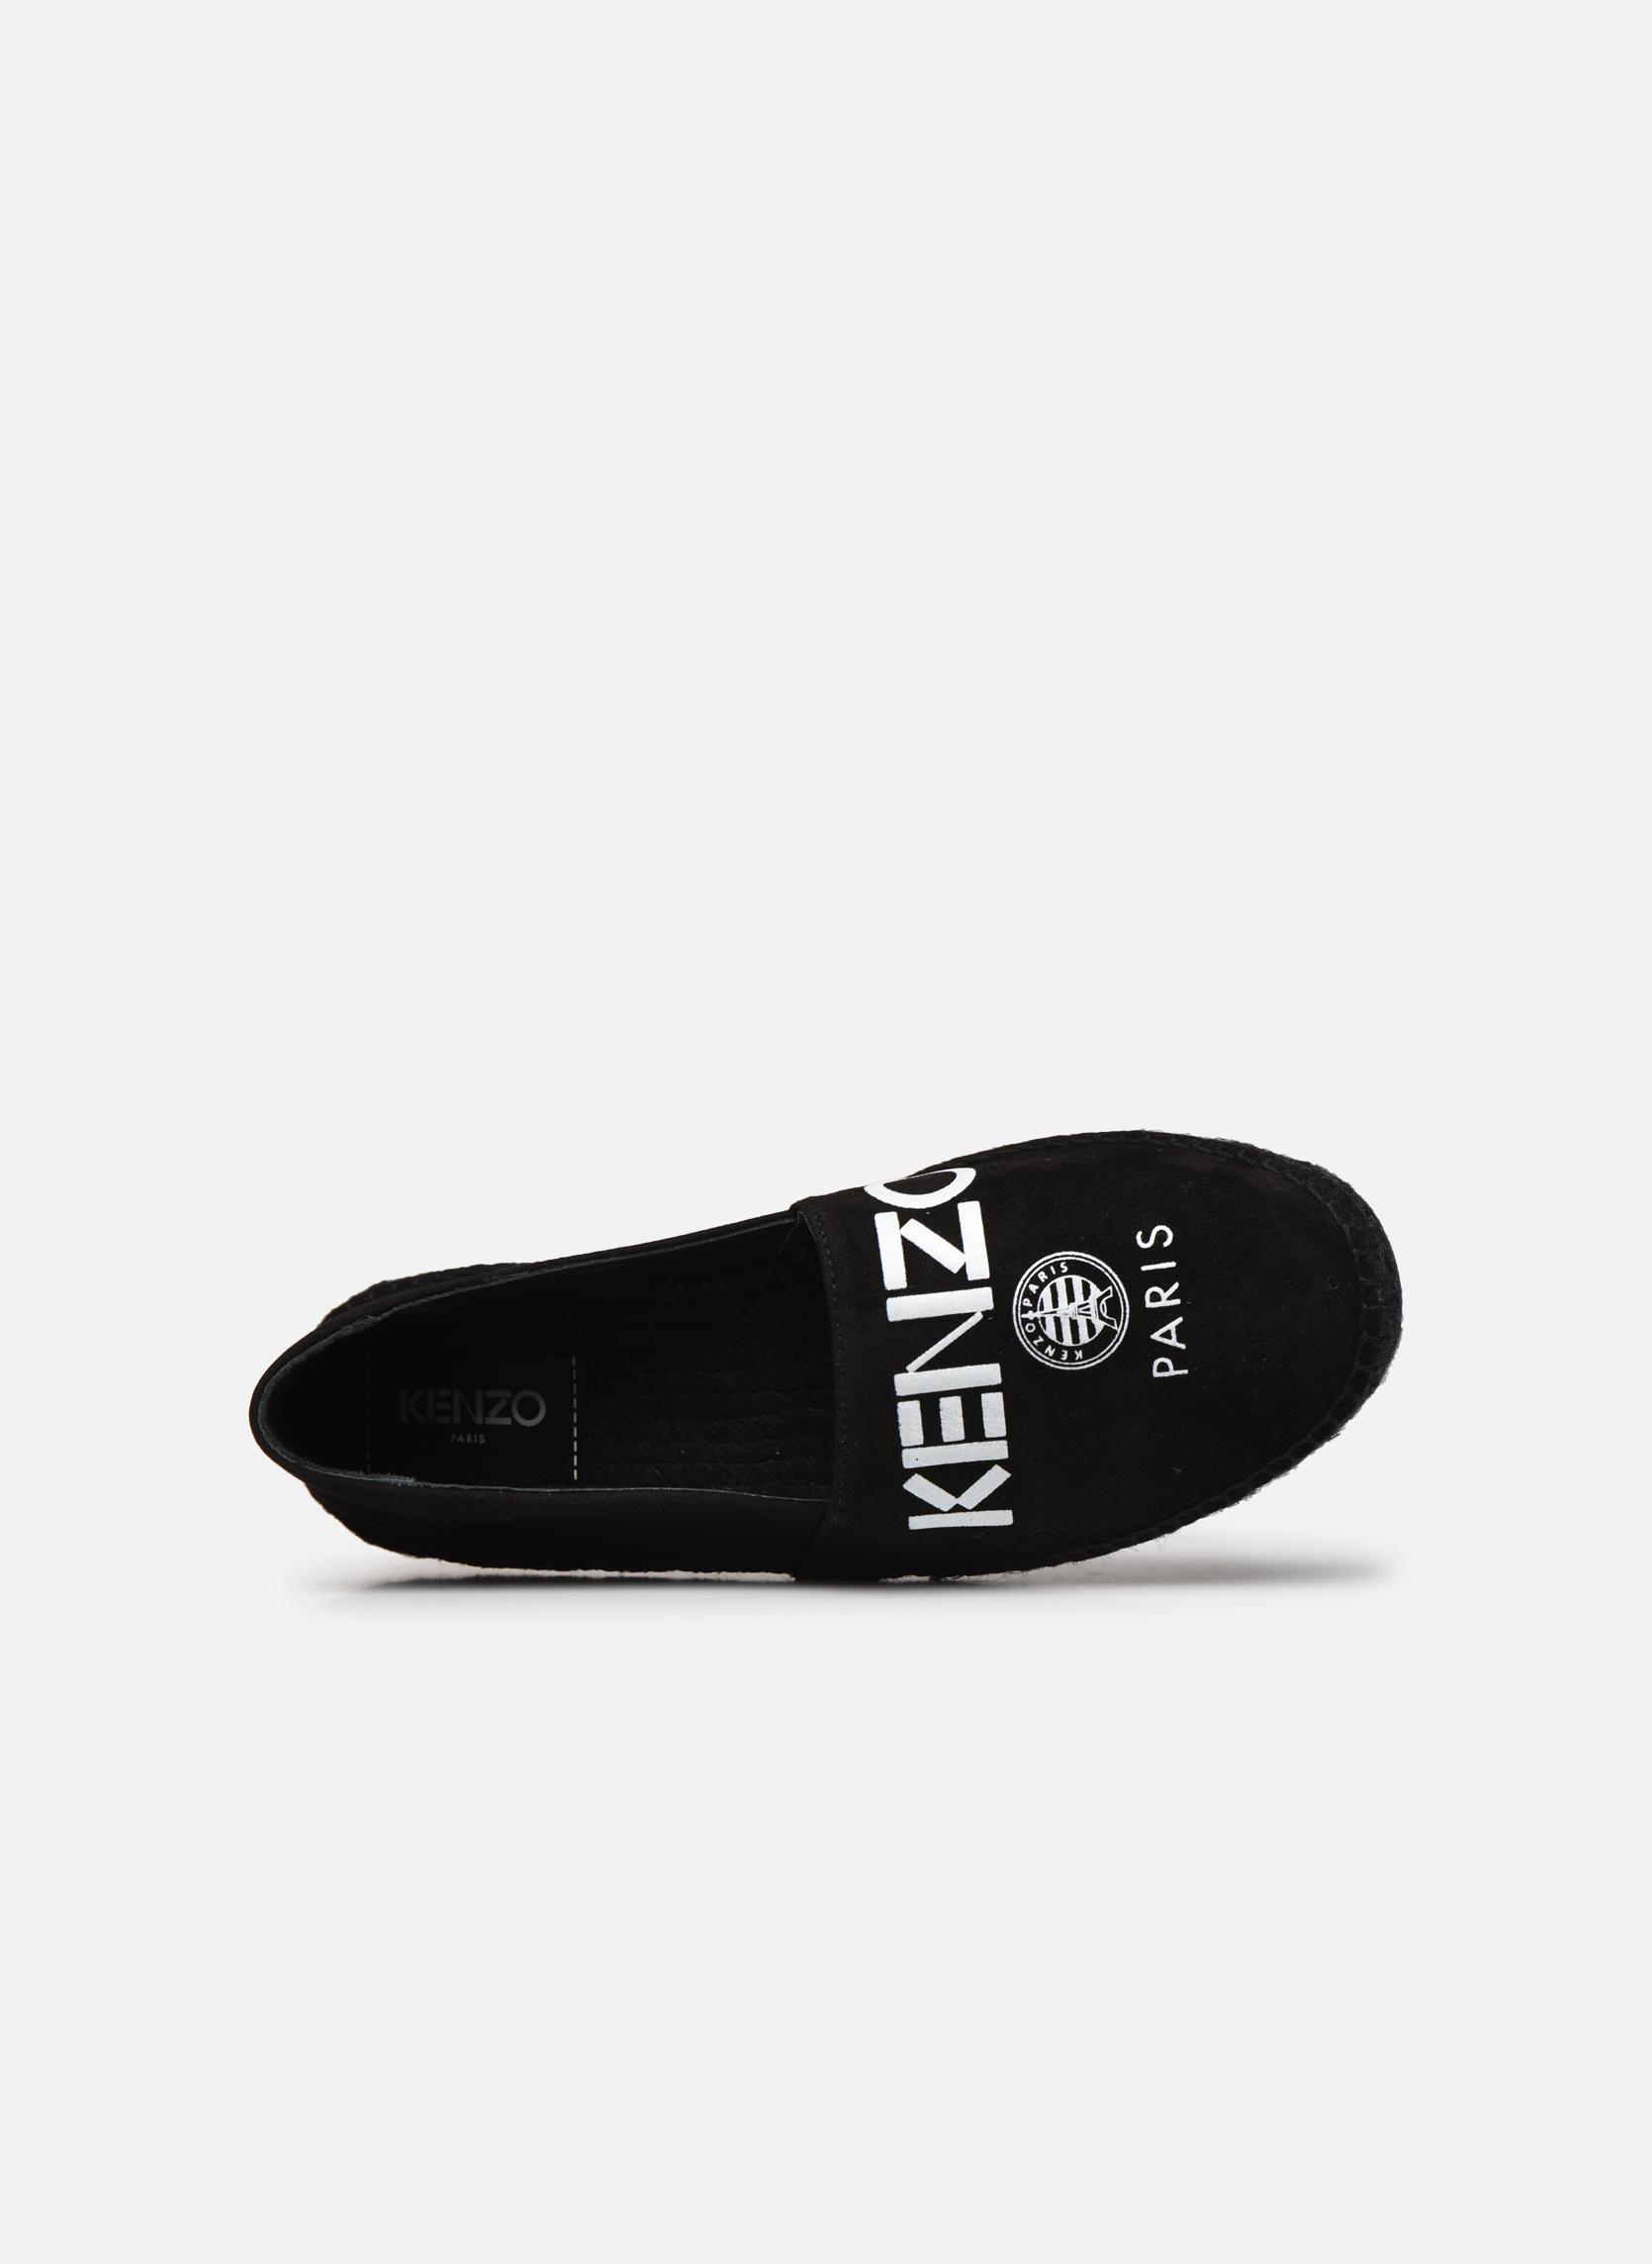 Slit Black / white